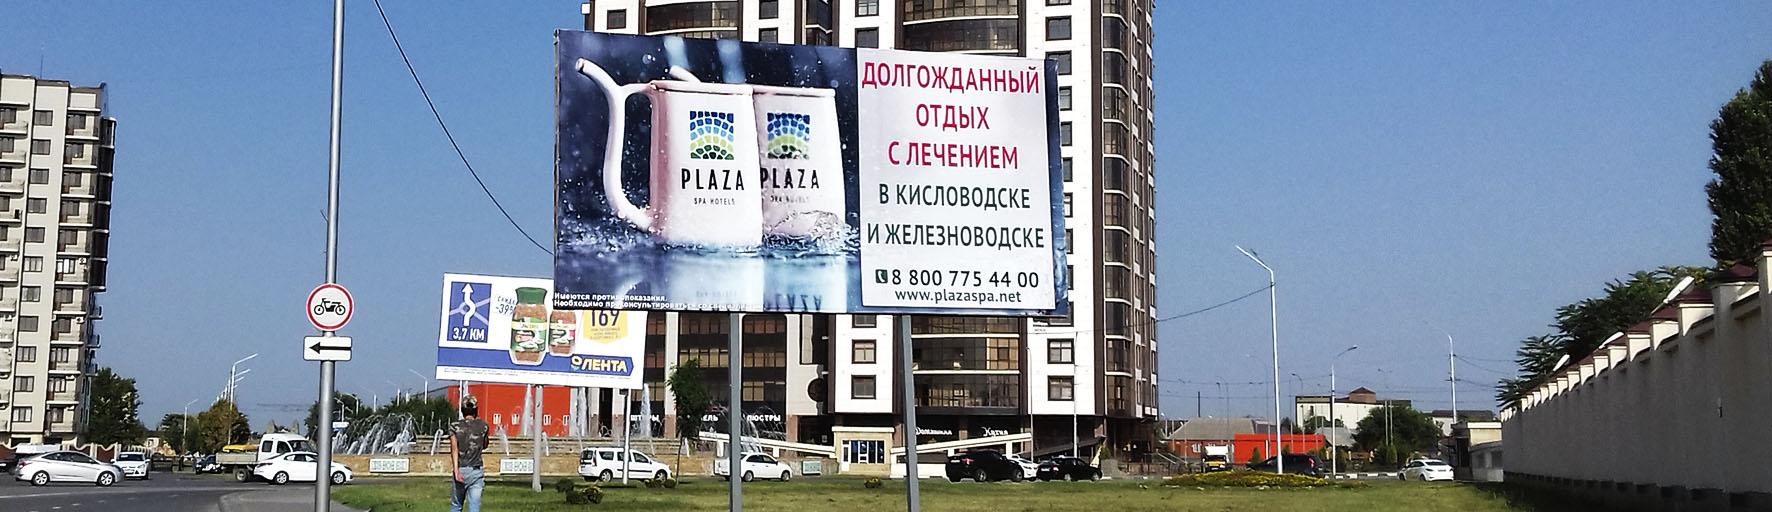 Реклама на сити-форматах в Грозном наружная реклама